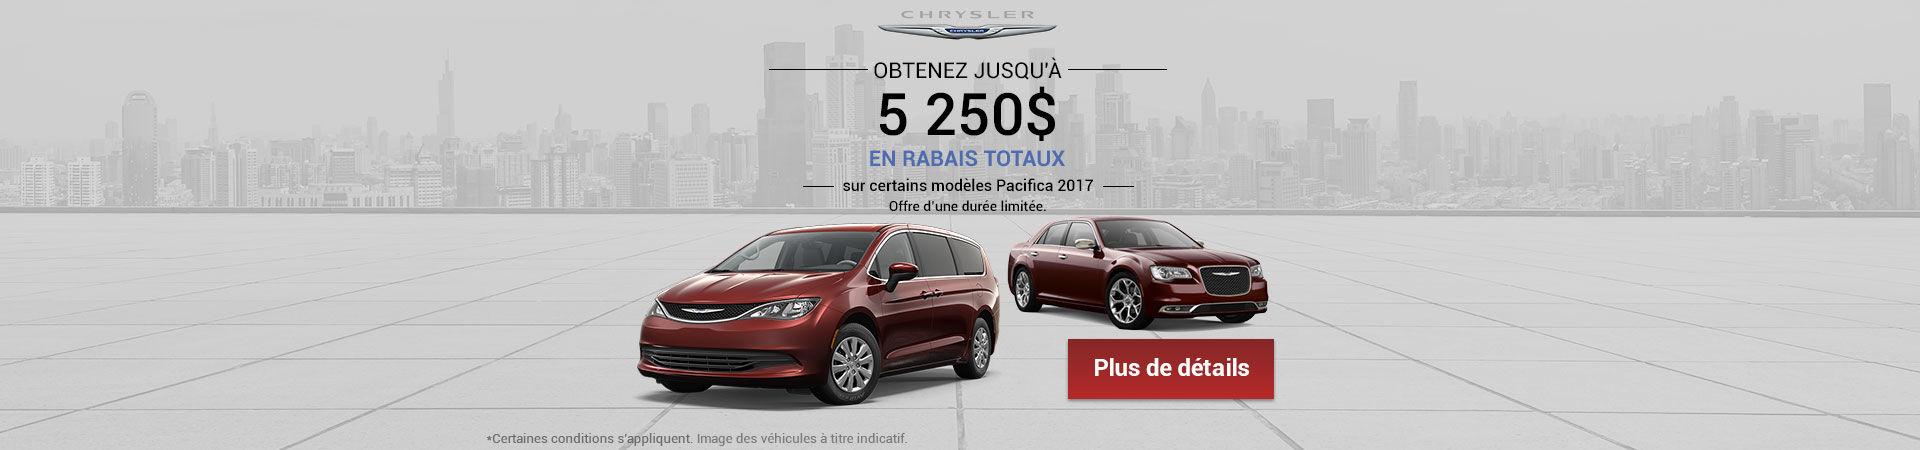 Vente mensuelle - Chrysler